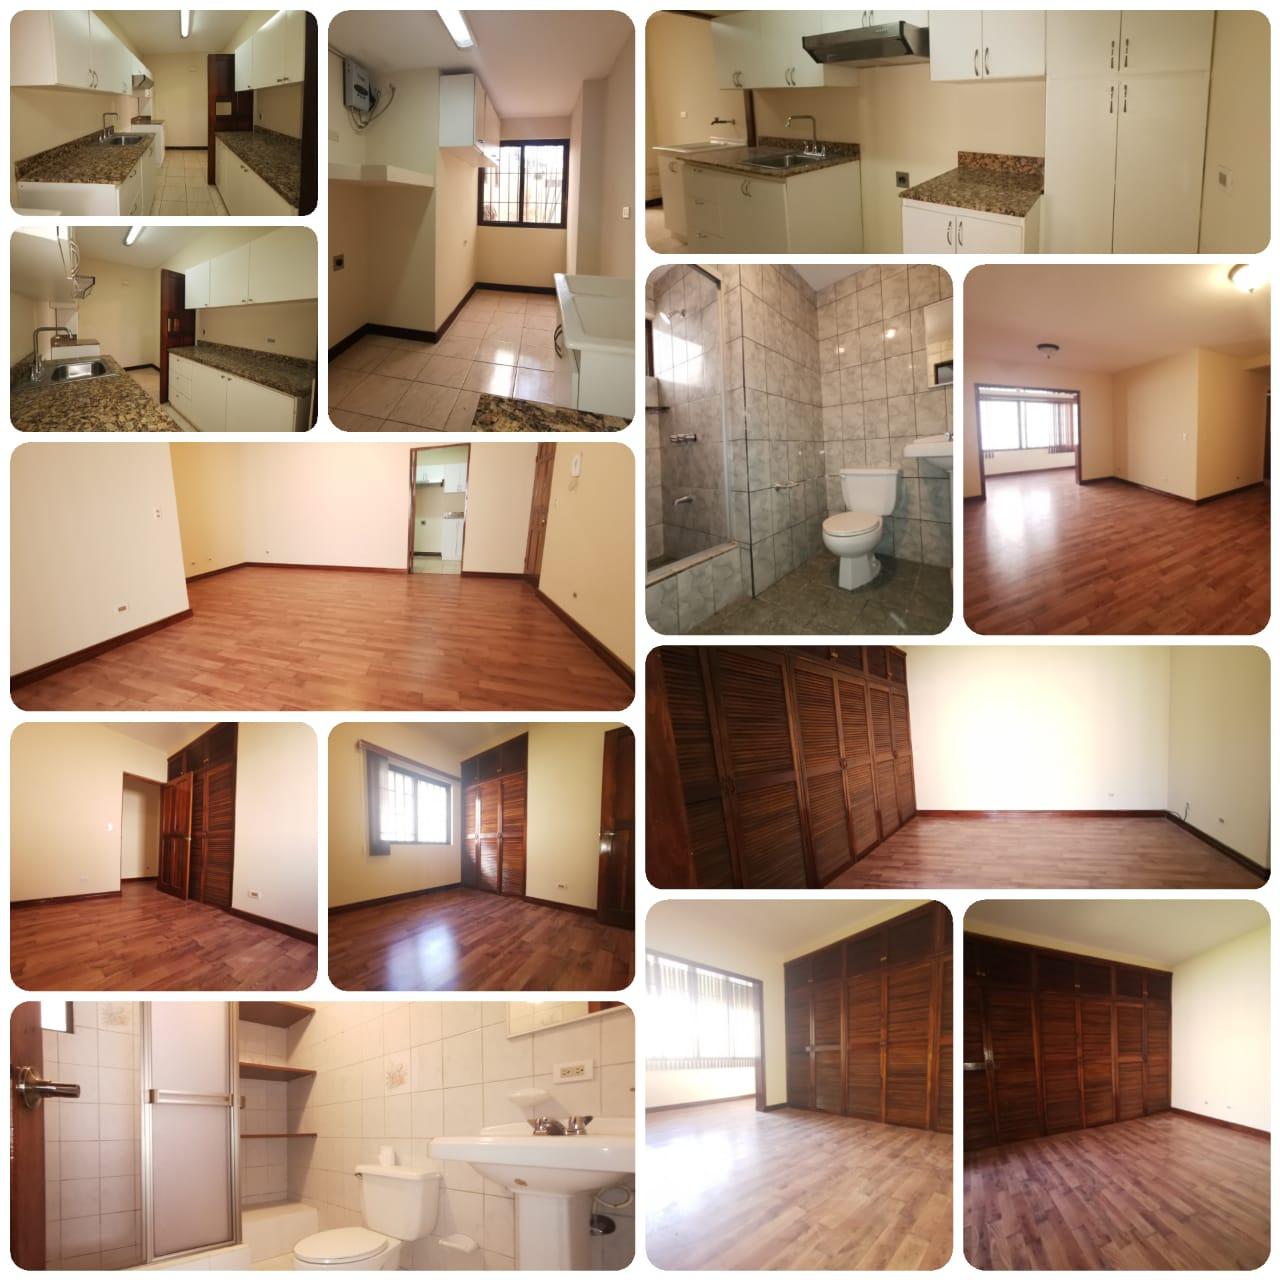 # 2222 Alquilo lindo apartamento en planta baja en La Uruca